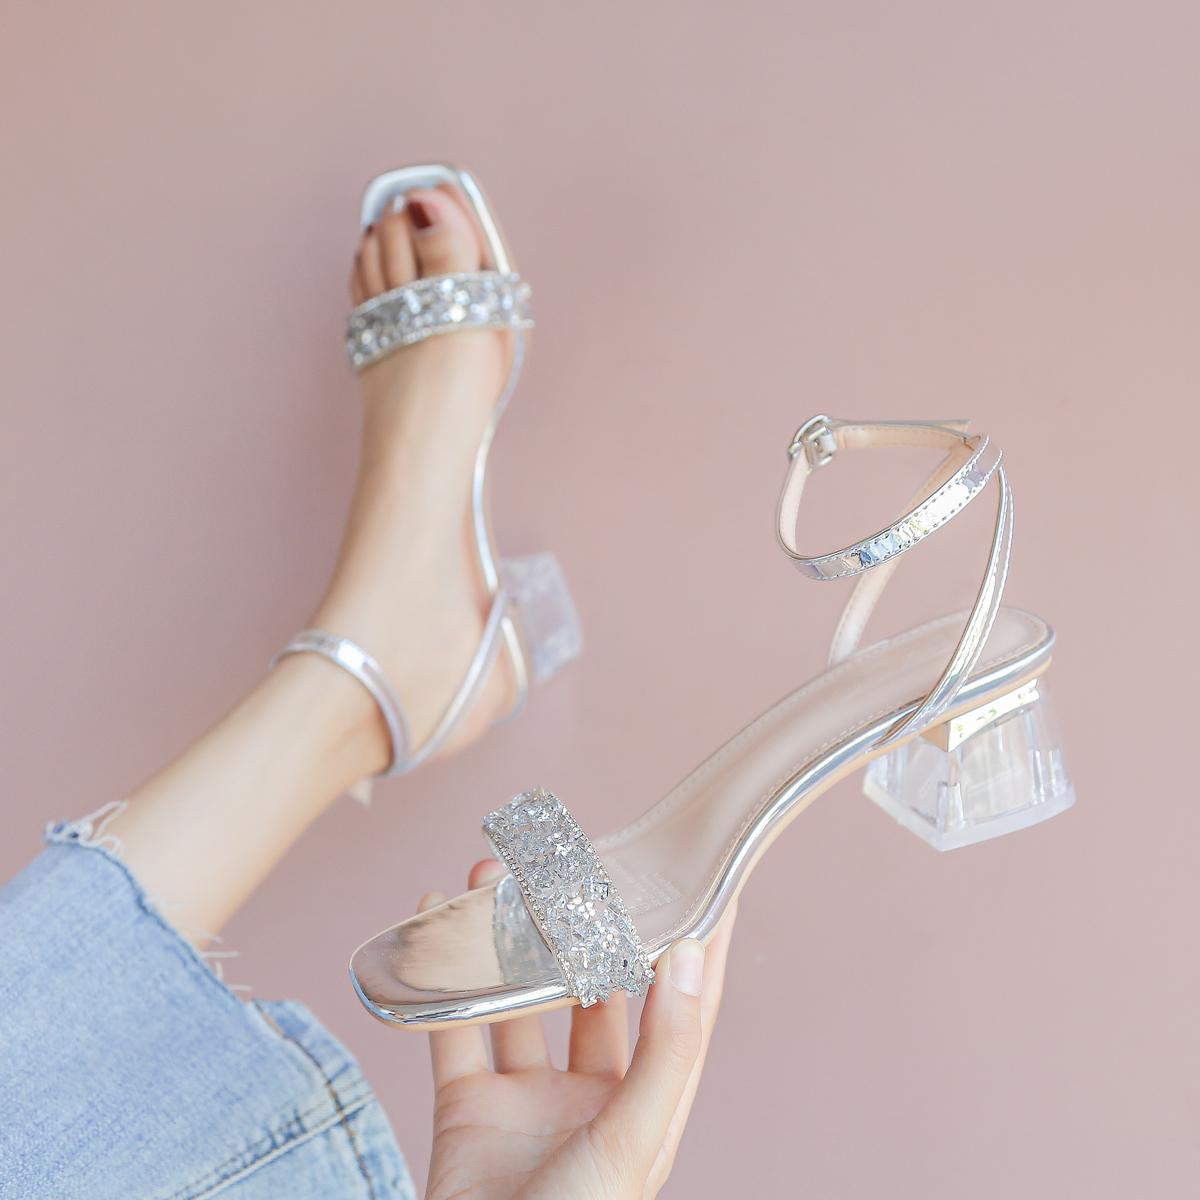 【福利价 89元】凉鞋女2020夏季新款ins水钻网红仙女风粗跟高跟鞋